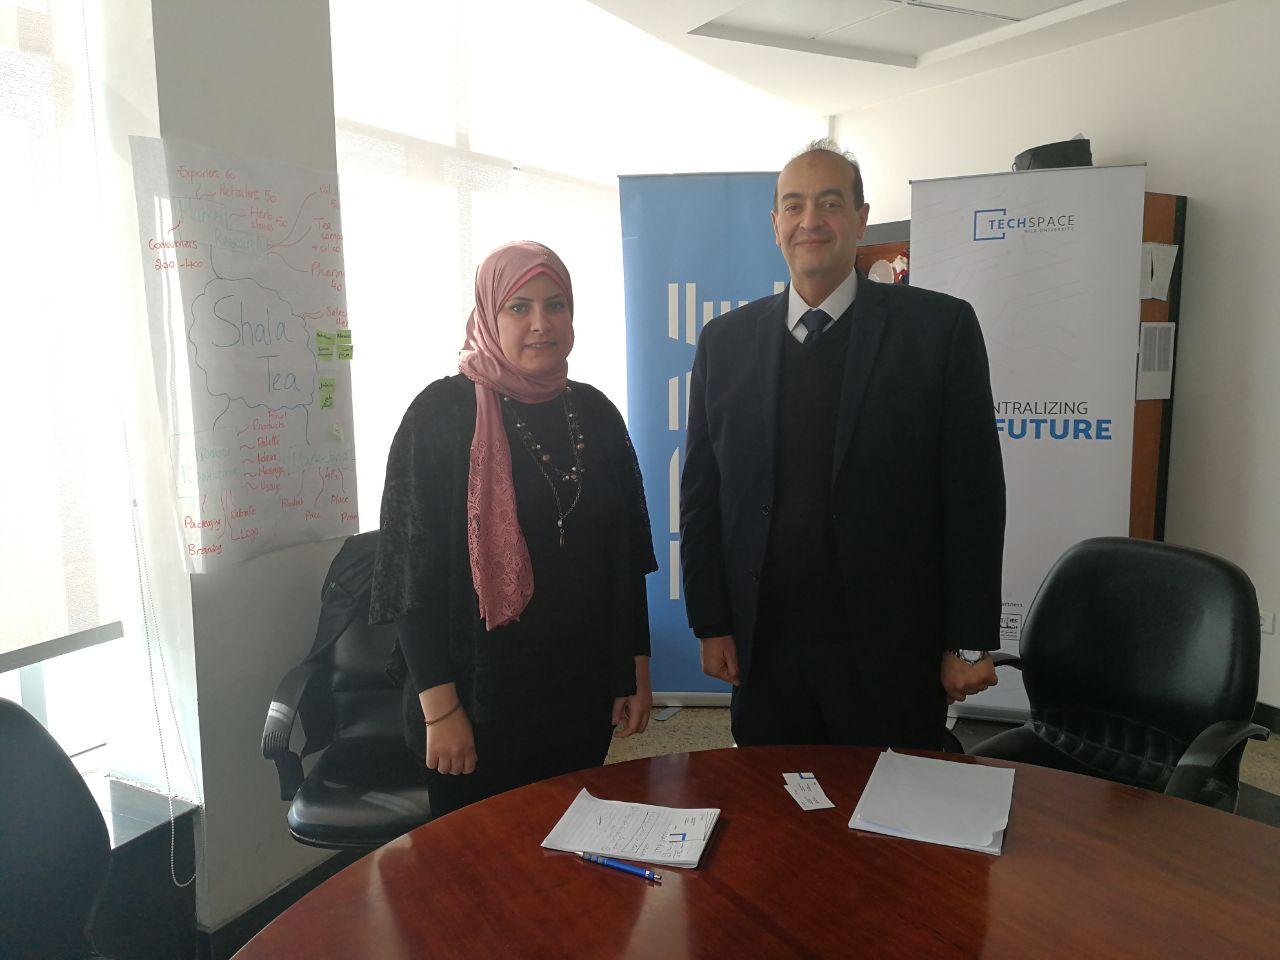 محمد وائل رضوان مدير خدمات الحوسبة السحابية بشركة IBM